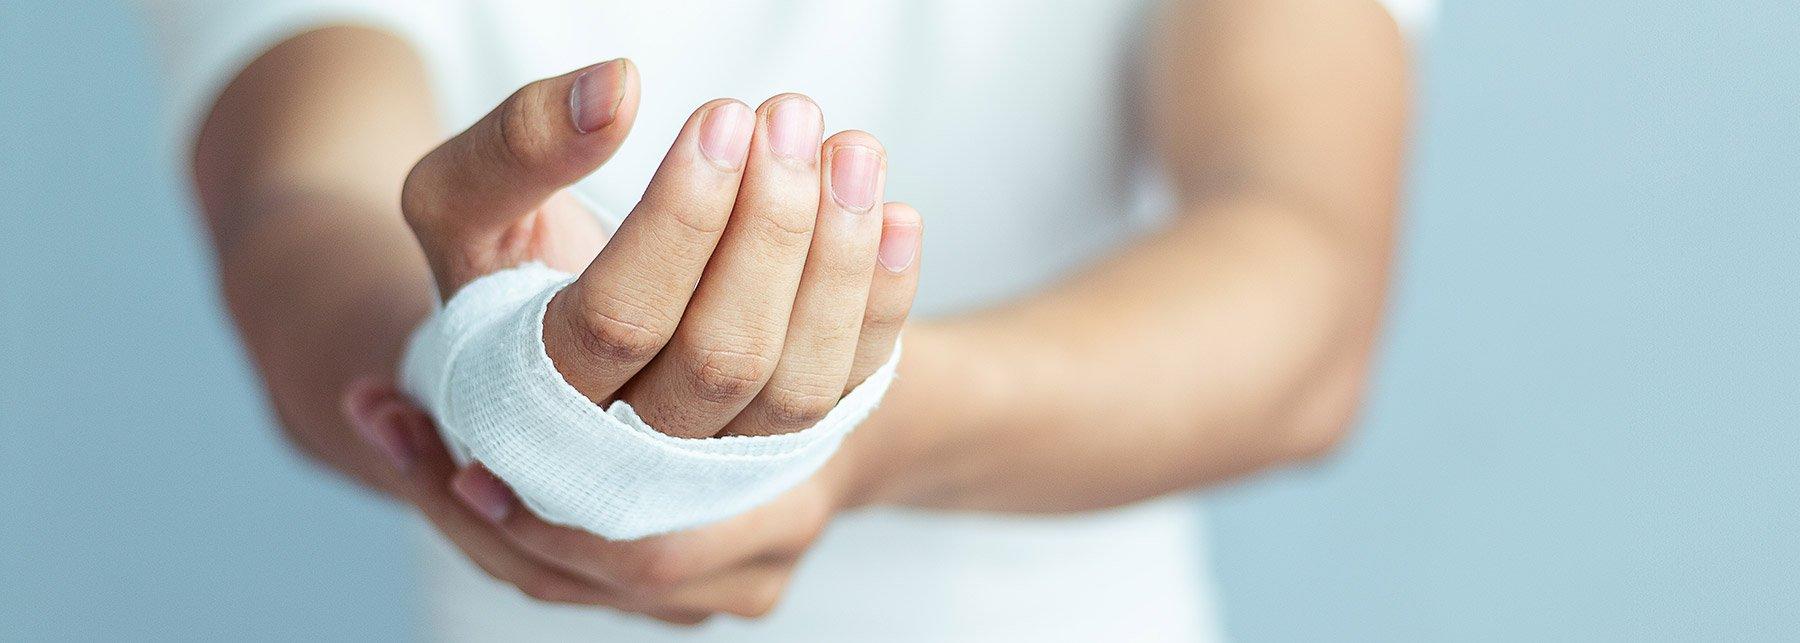 Reparto medicazione - Farmacia Trisoglio